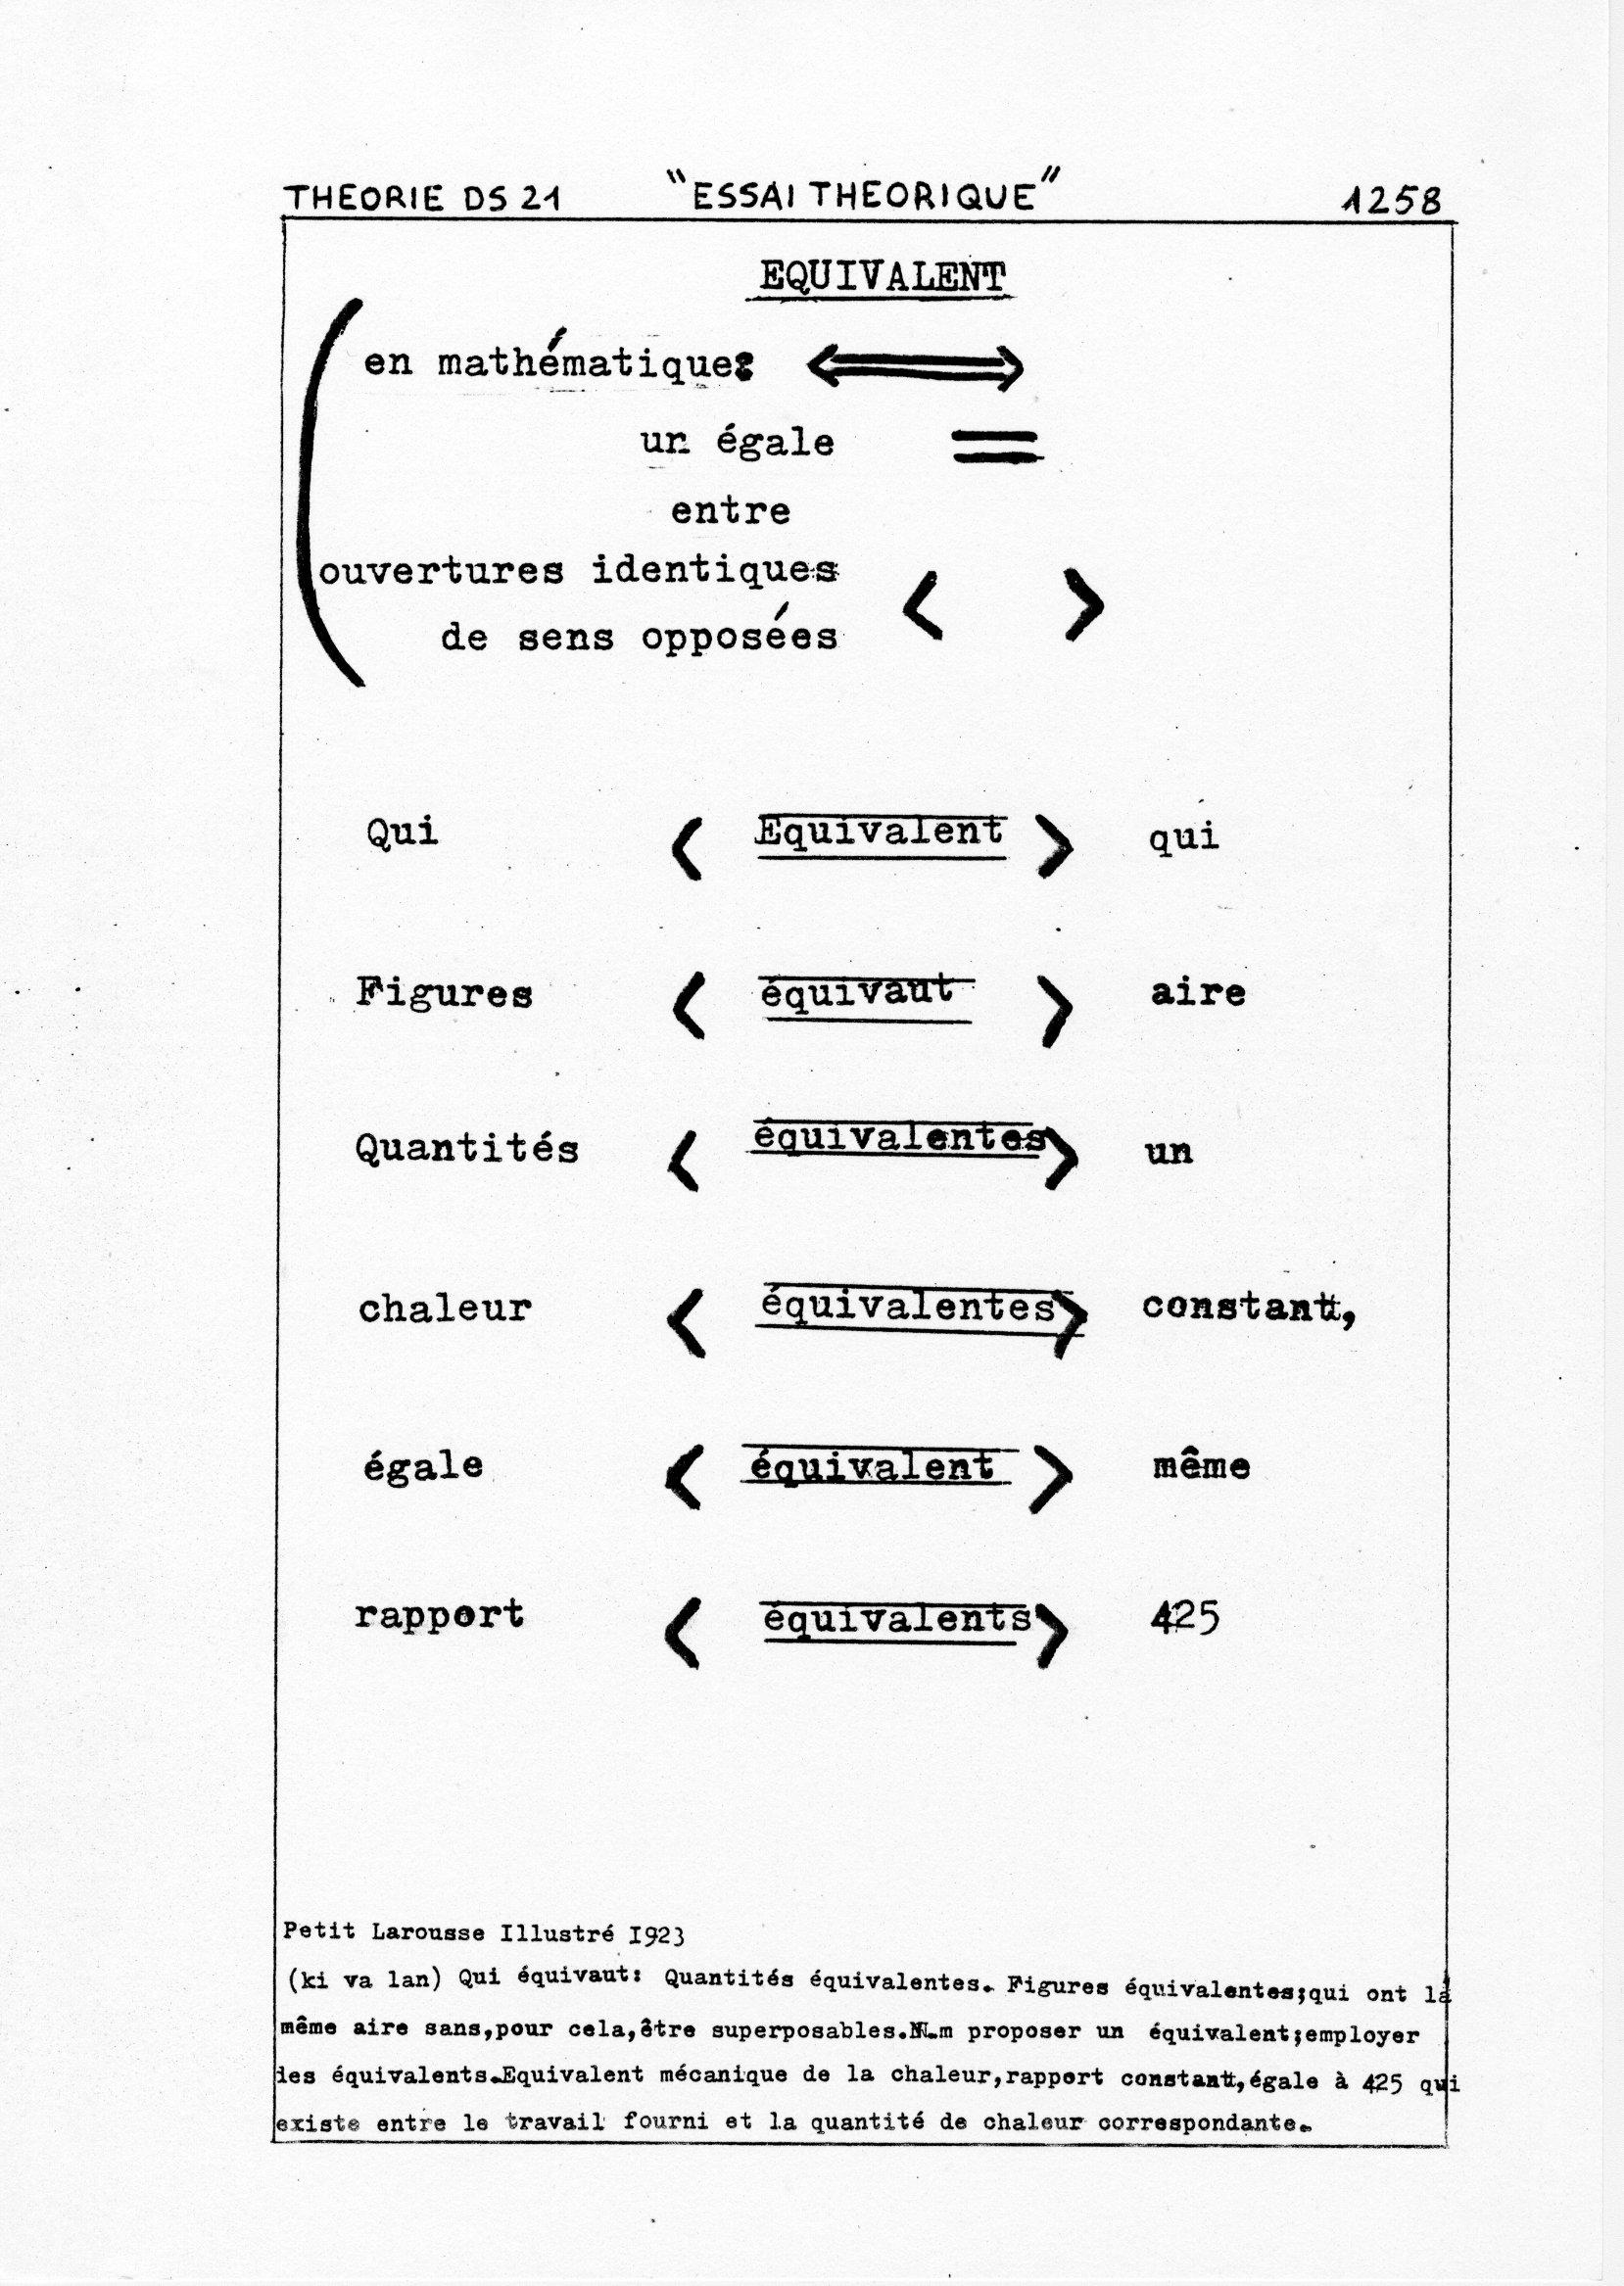 page 1258 Théorie D.S. 21 ESSAI THEORIQUE